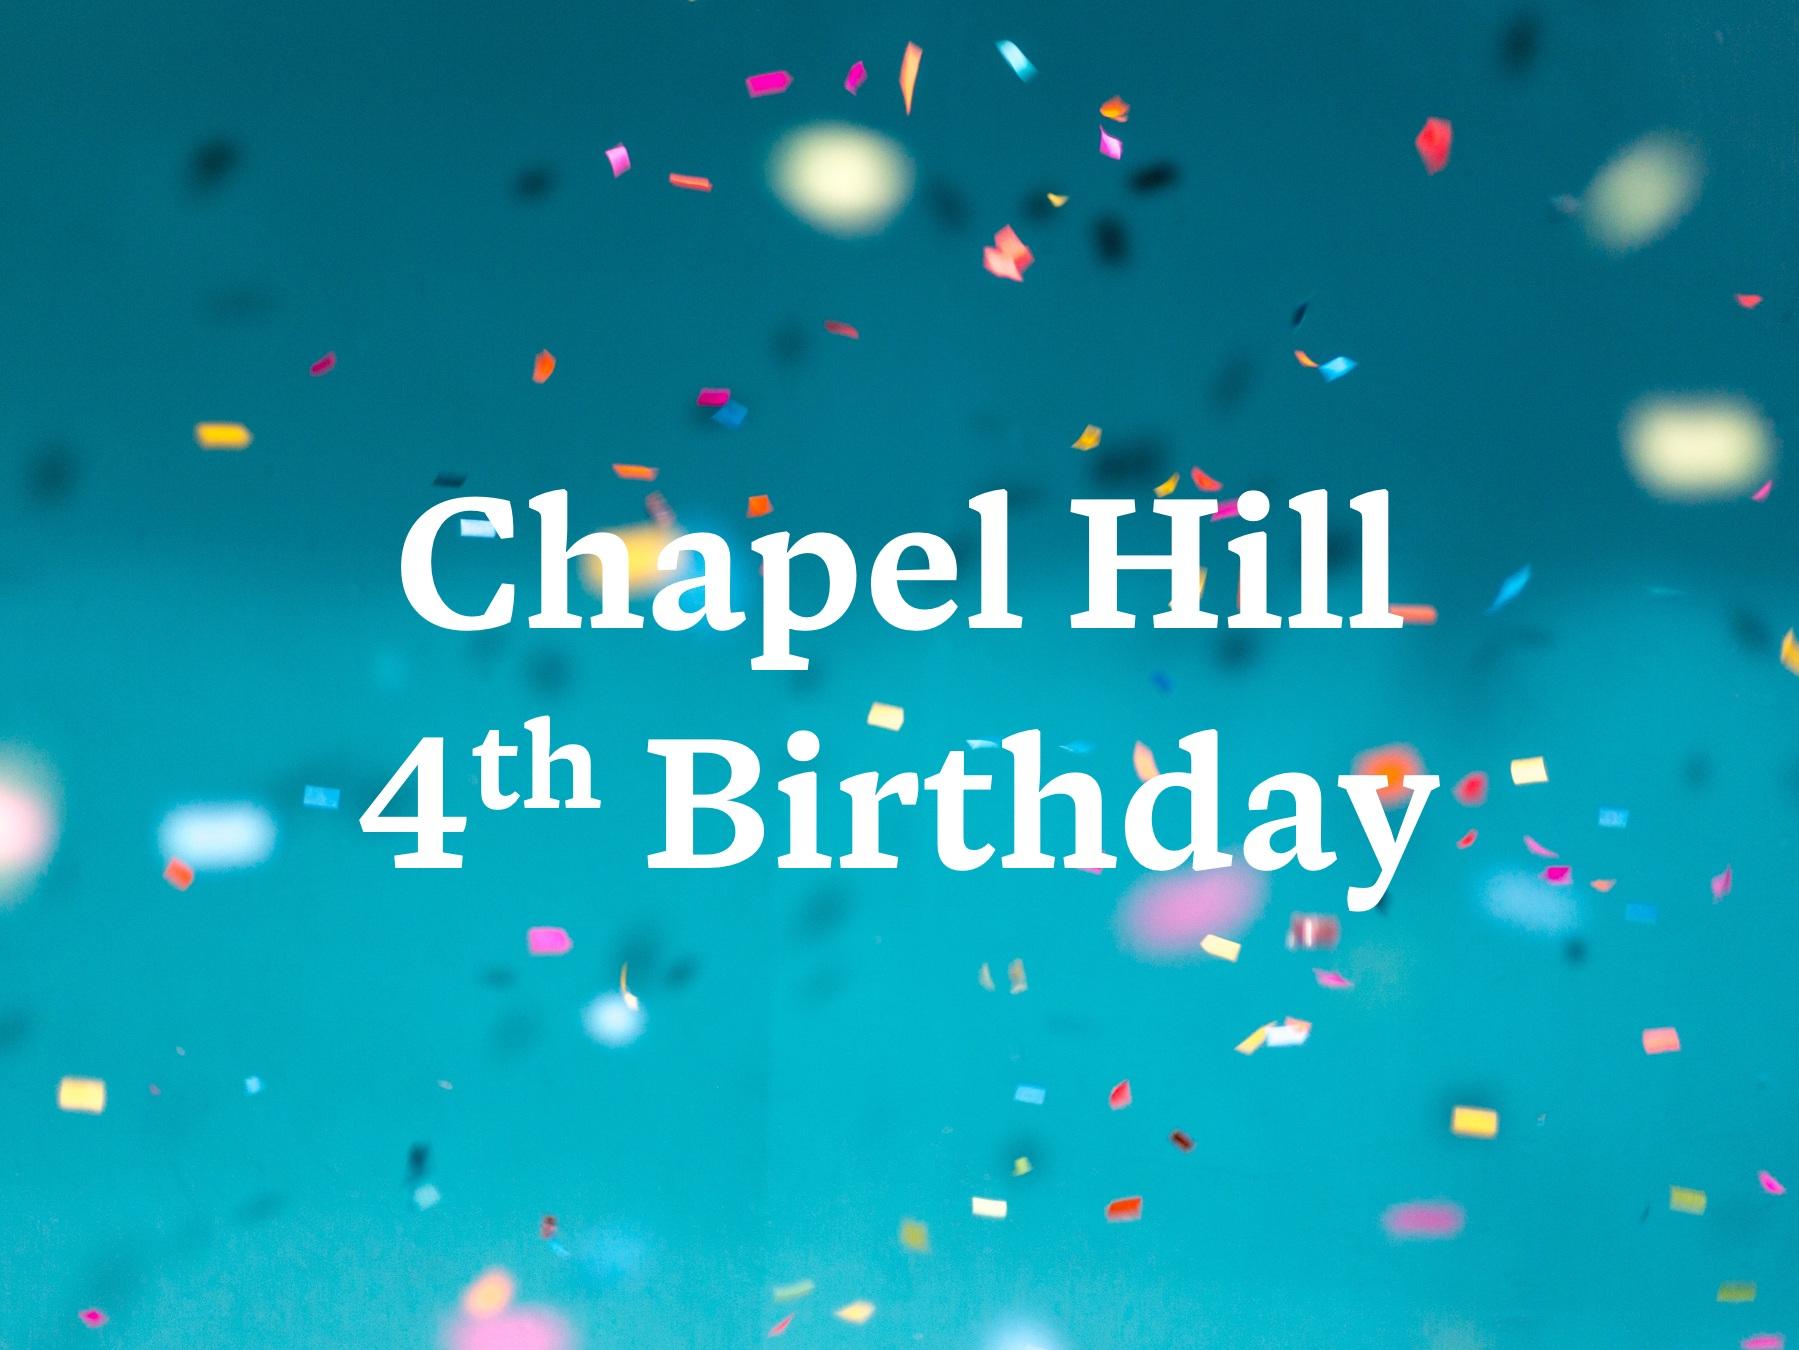 4th+Birthday+Celebration.jpg